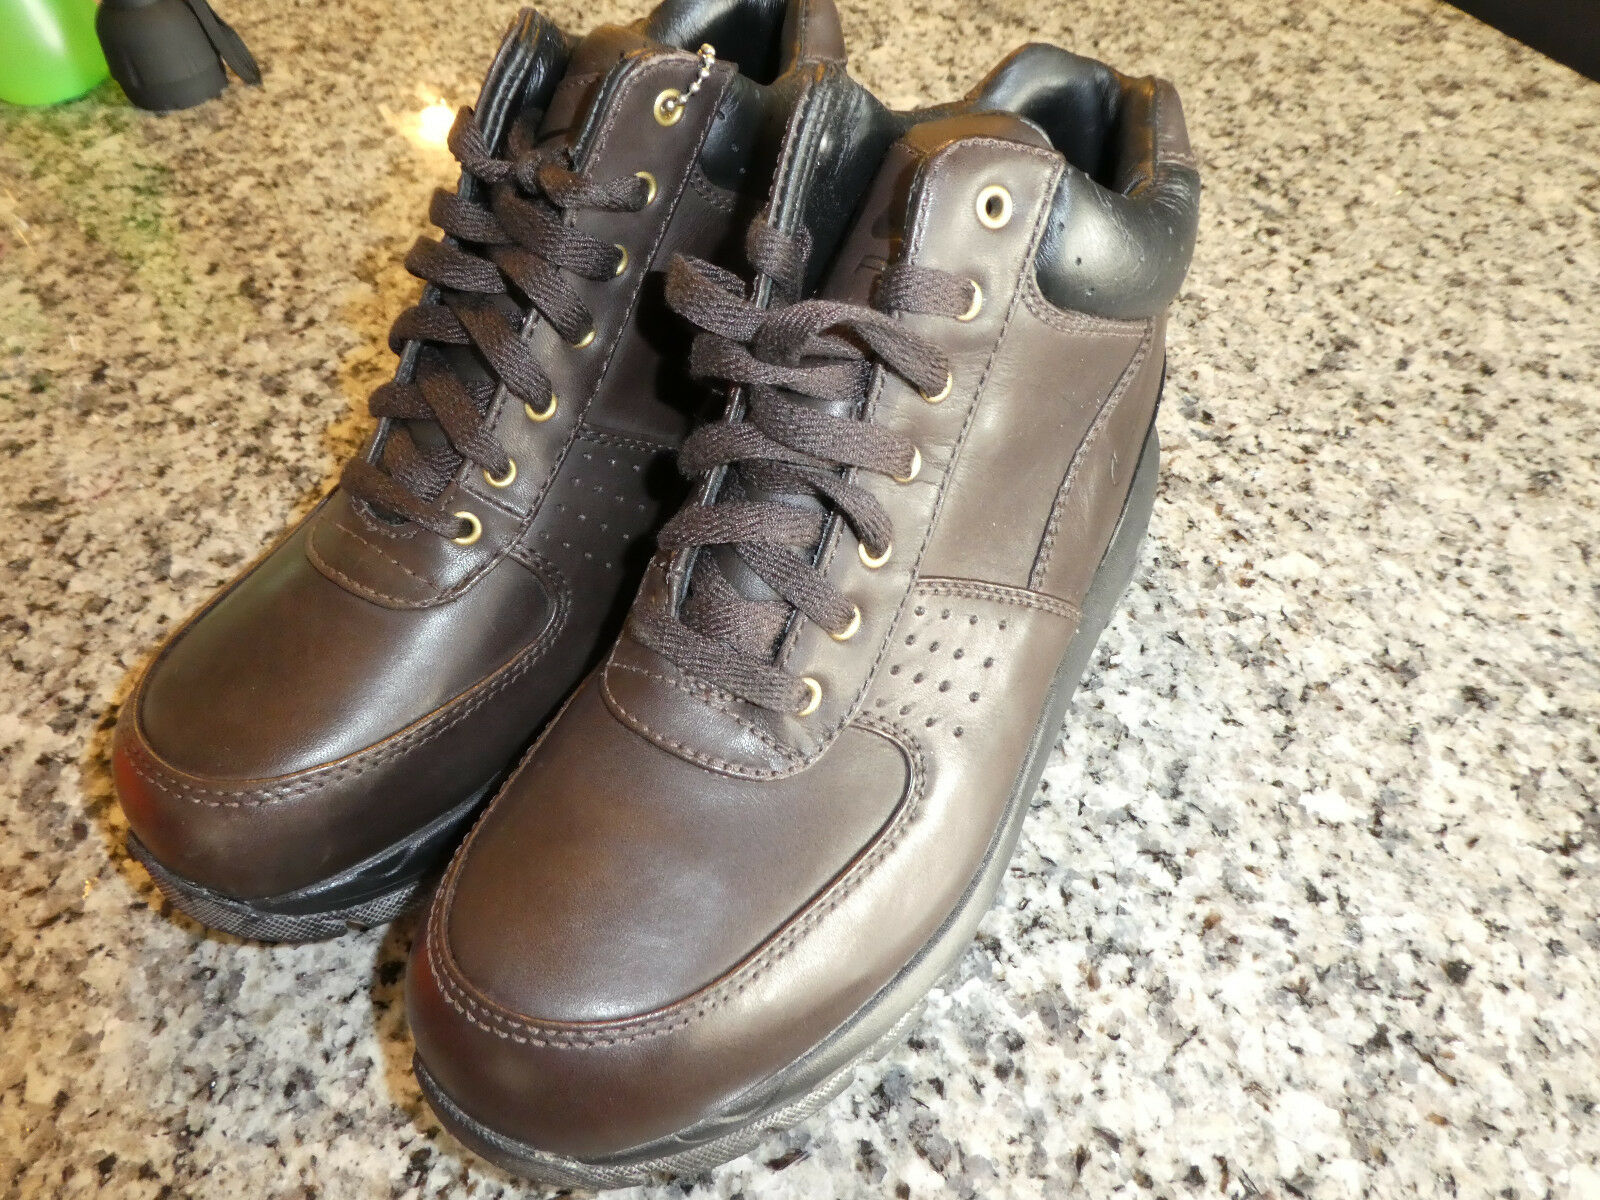 Nike Air Max Goadome mens boots brown 865031 200 new